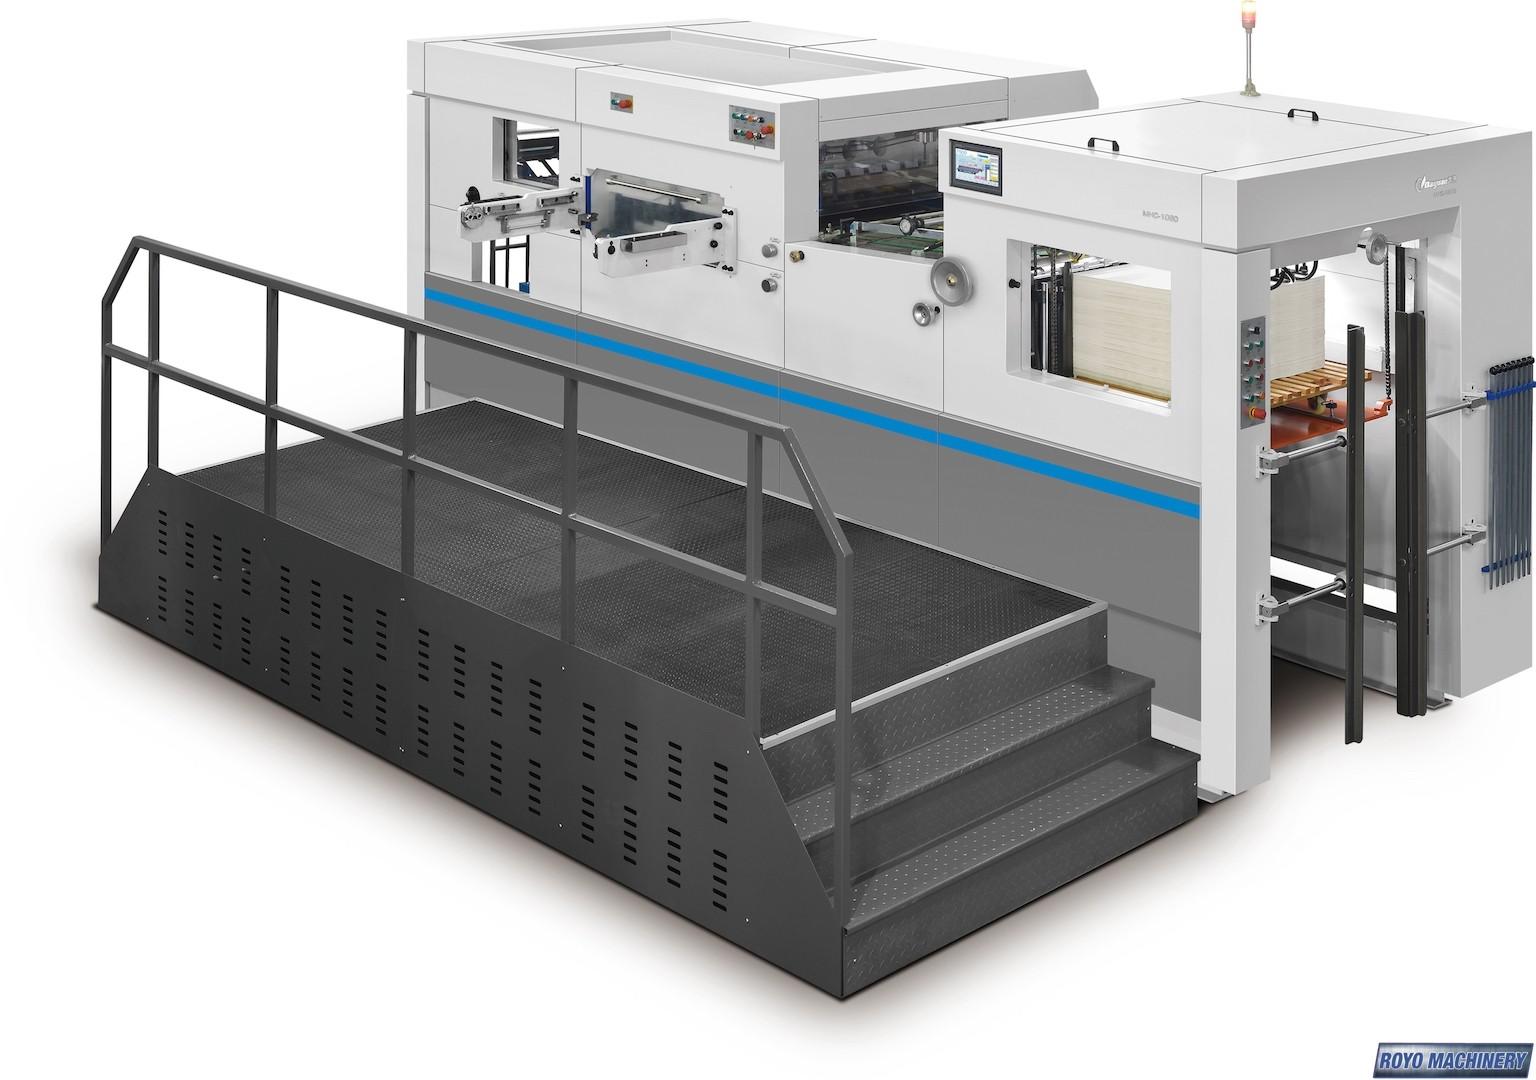 Royo Machinery RMHC-1080